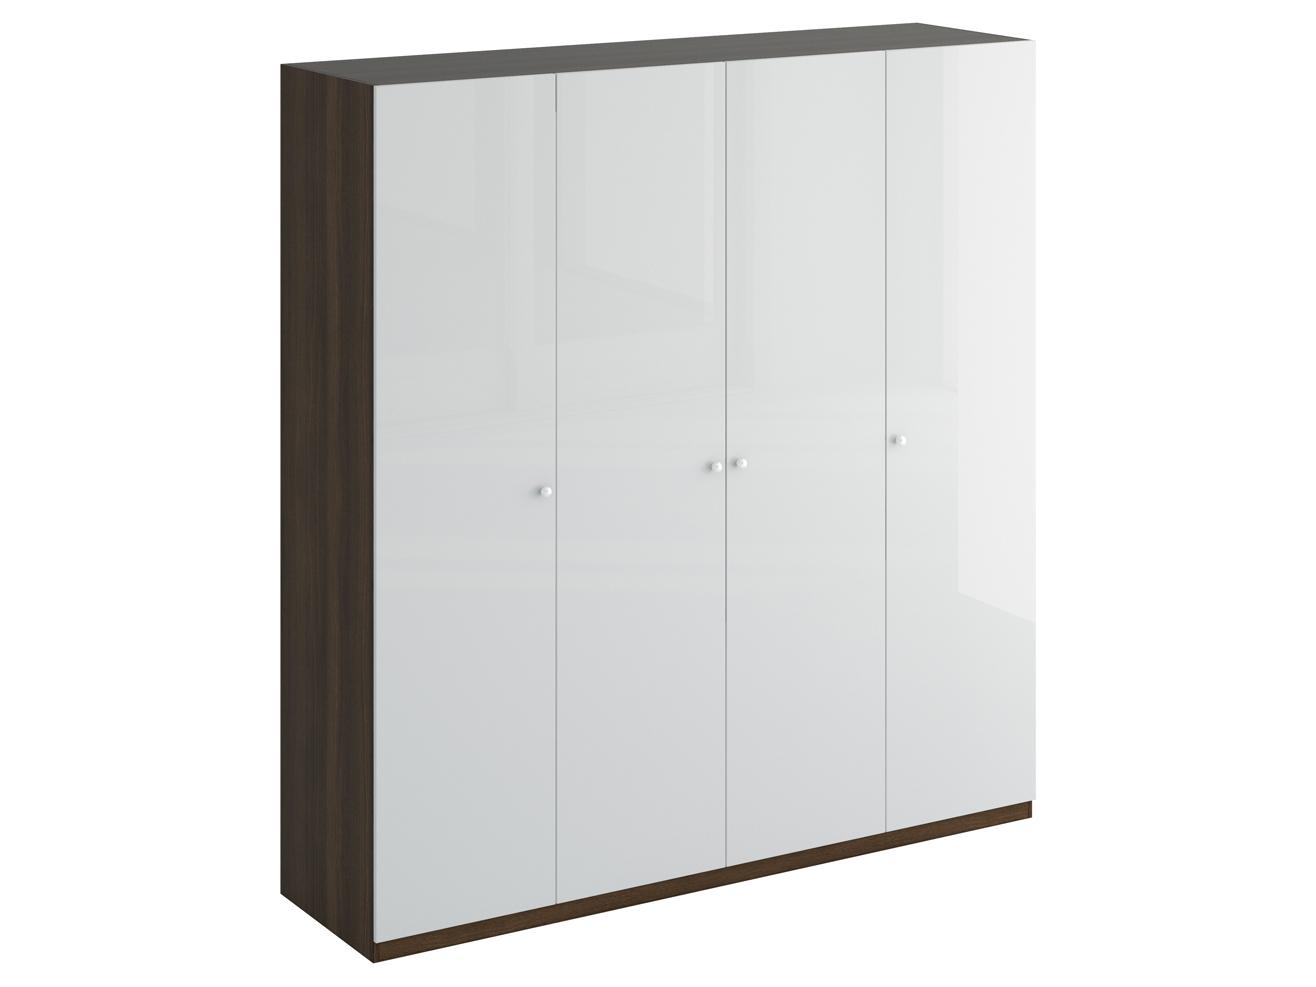 Шкаф UnoПлатяные шкафы<br>Шкаф четырехдверный состоит их трёх отделений. В отделениях расположены верхние стационарные и нижние съемными полки. На одной дверце шкафа с внутренней стороны расположено зеркало. Шкаф установлен на регулируемые опоры. Данную мебель рекомендуется крепить к стене. Ручки и внутренние элементы продаются отдельно.<br><br>Material: ДСП<br>Ширина см: 219<br>Высота см: 232<br>Глубина см: 598.0